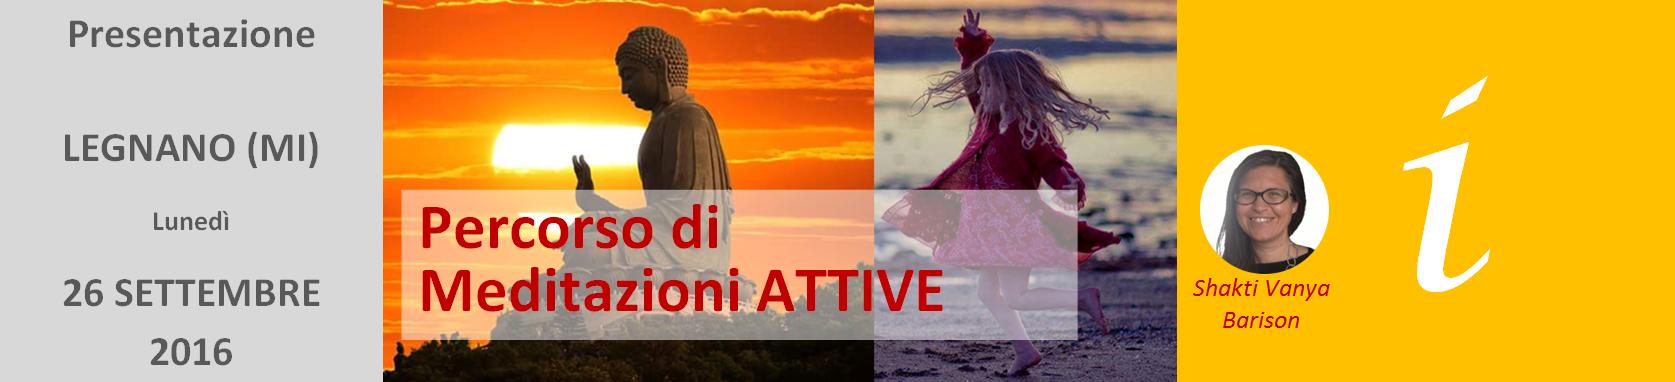 BANNER-MEDITAZIONI ATTIVE-LEGNANO-26-SETTEMBRE-2016